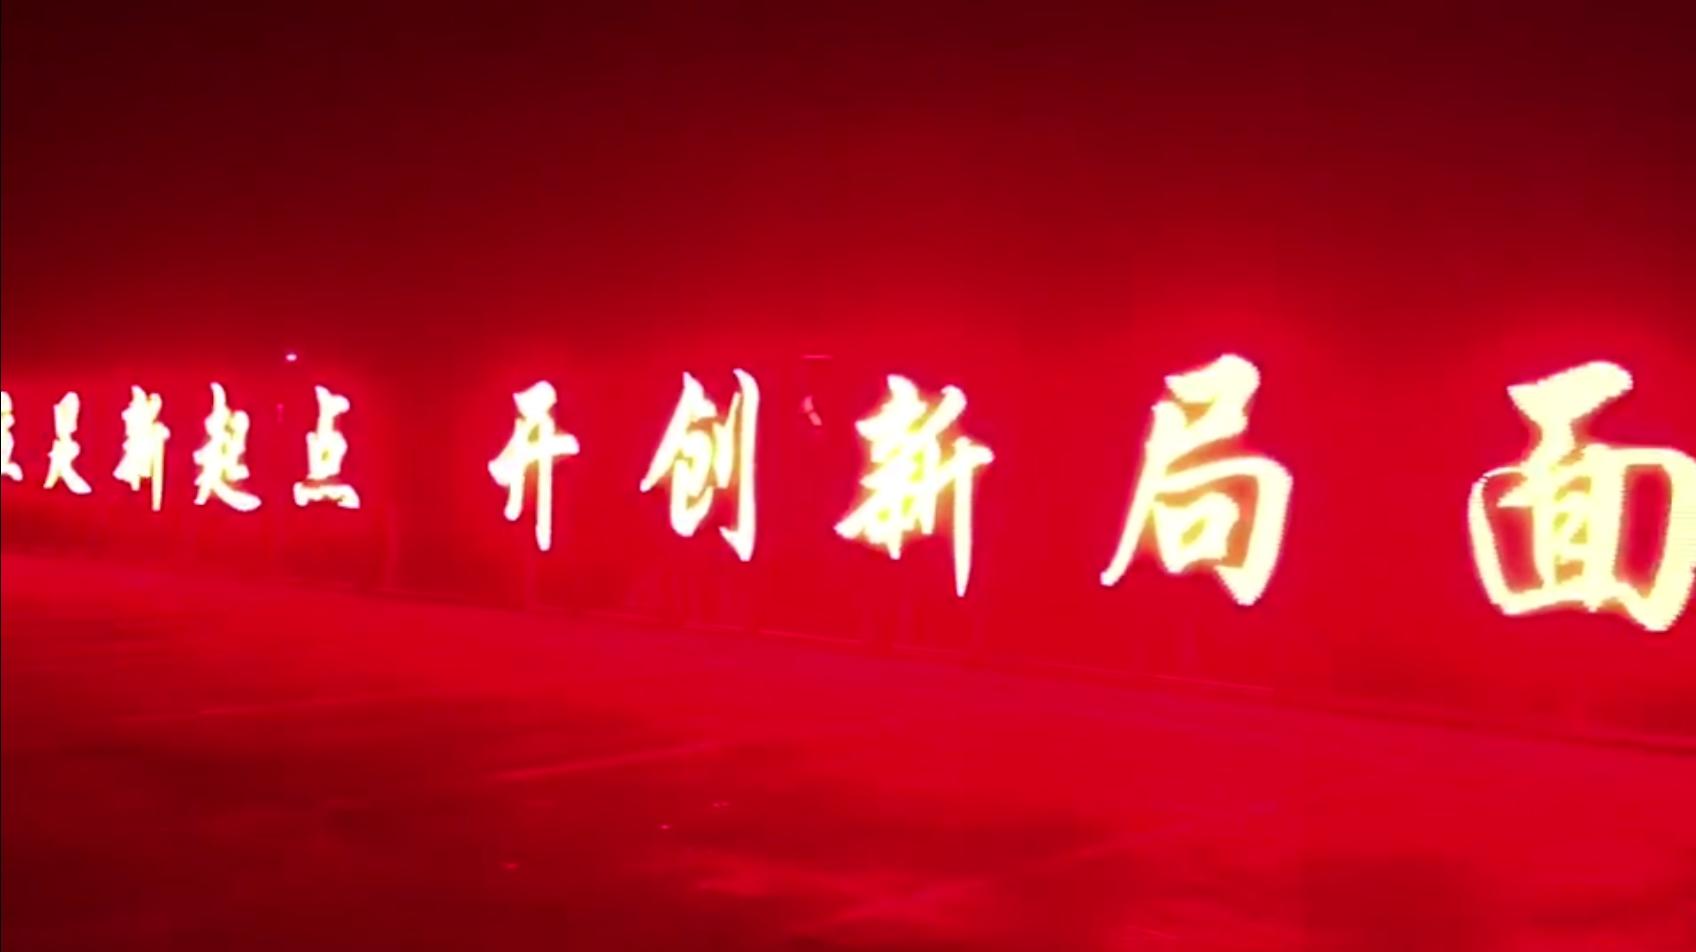 LED外露燈制作的發光字或屏效果